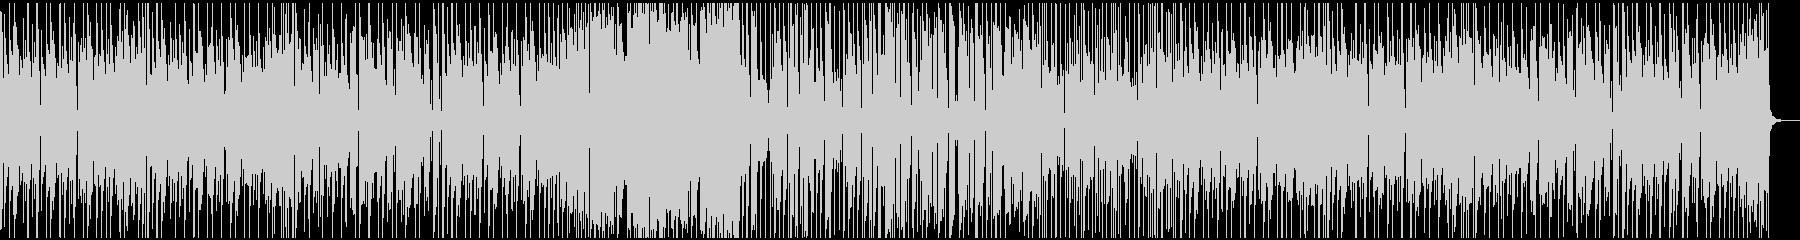 ファンキーなインストの未再生の波形